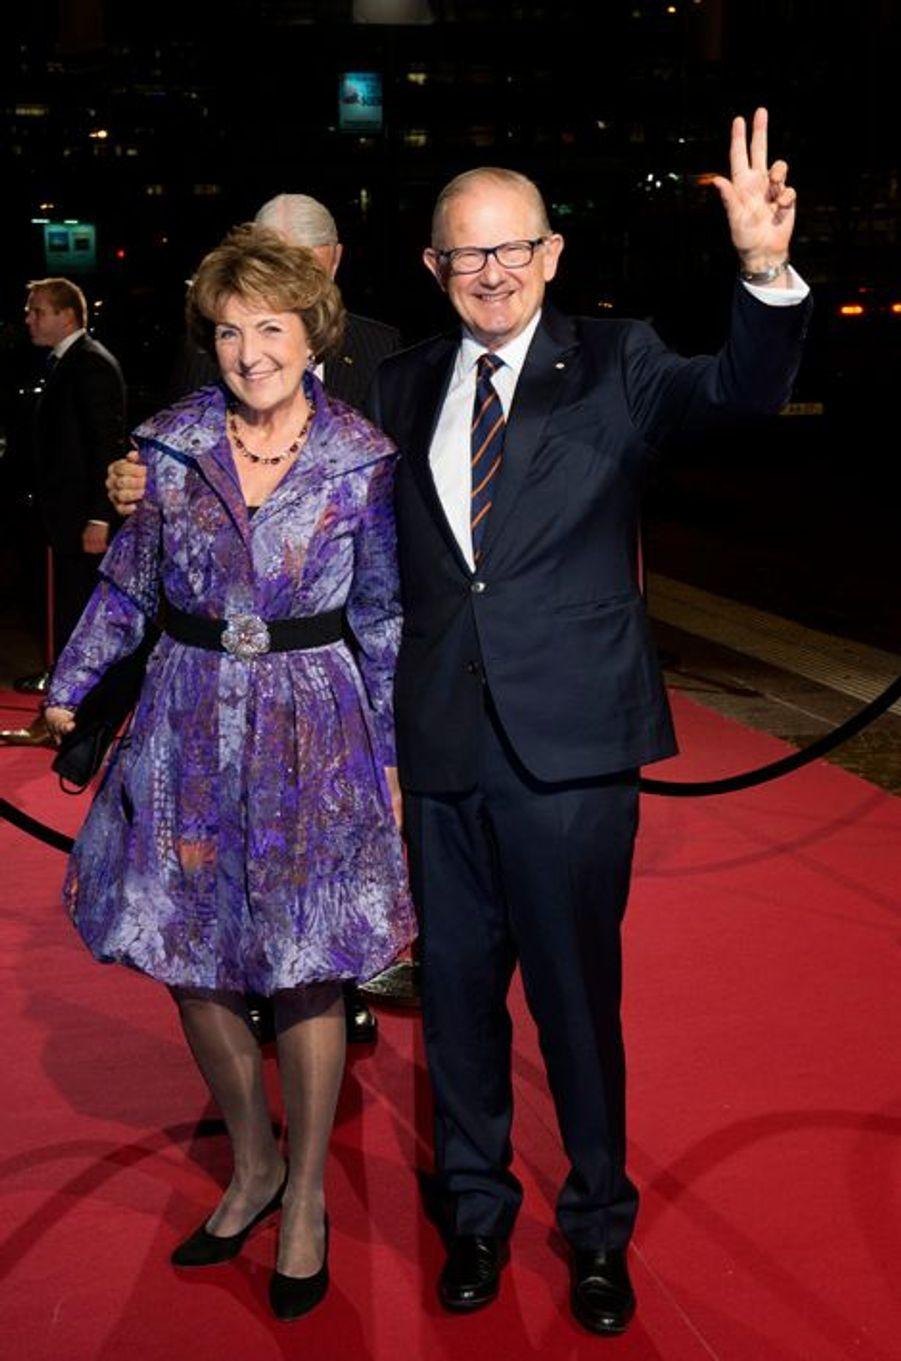 La princesse Margriet et Pieter Van Vollenhoven au théâtre Beatrix d'Utrecht, le 8 décembre 2014